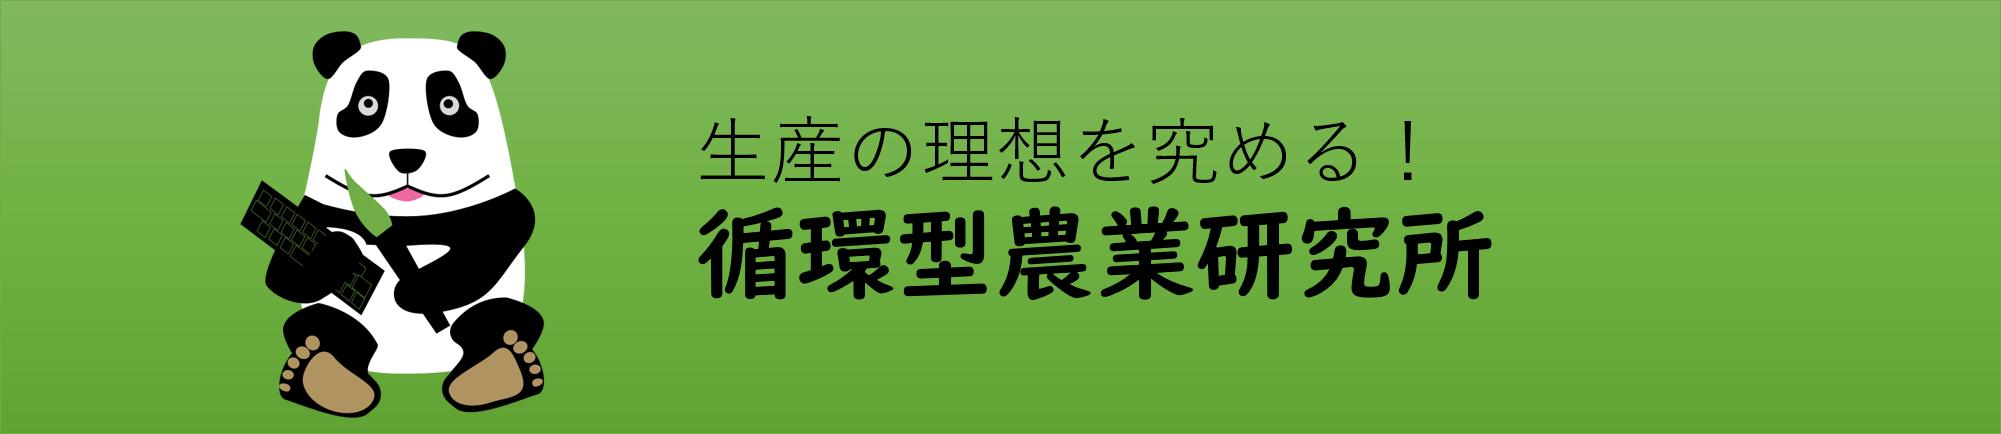 ぱんだデザイナー:循環型農業